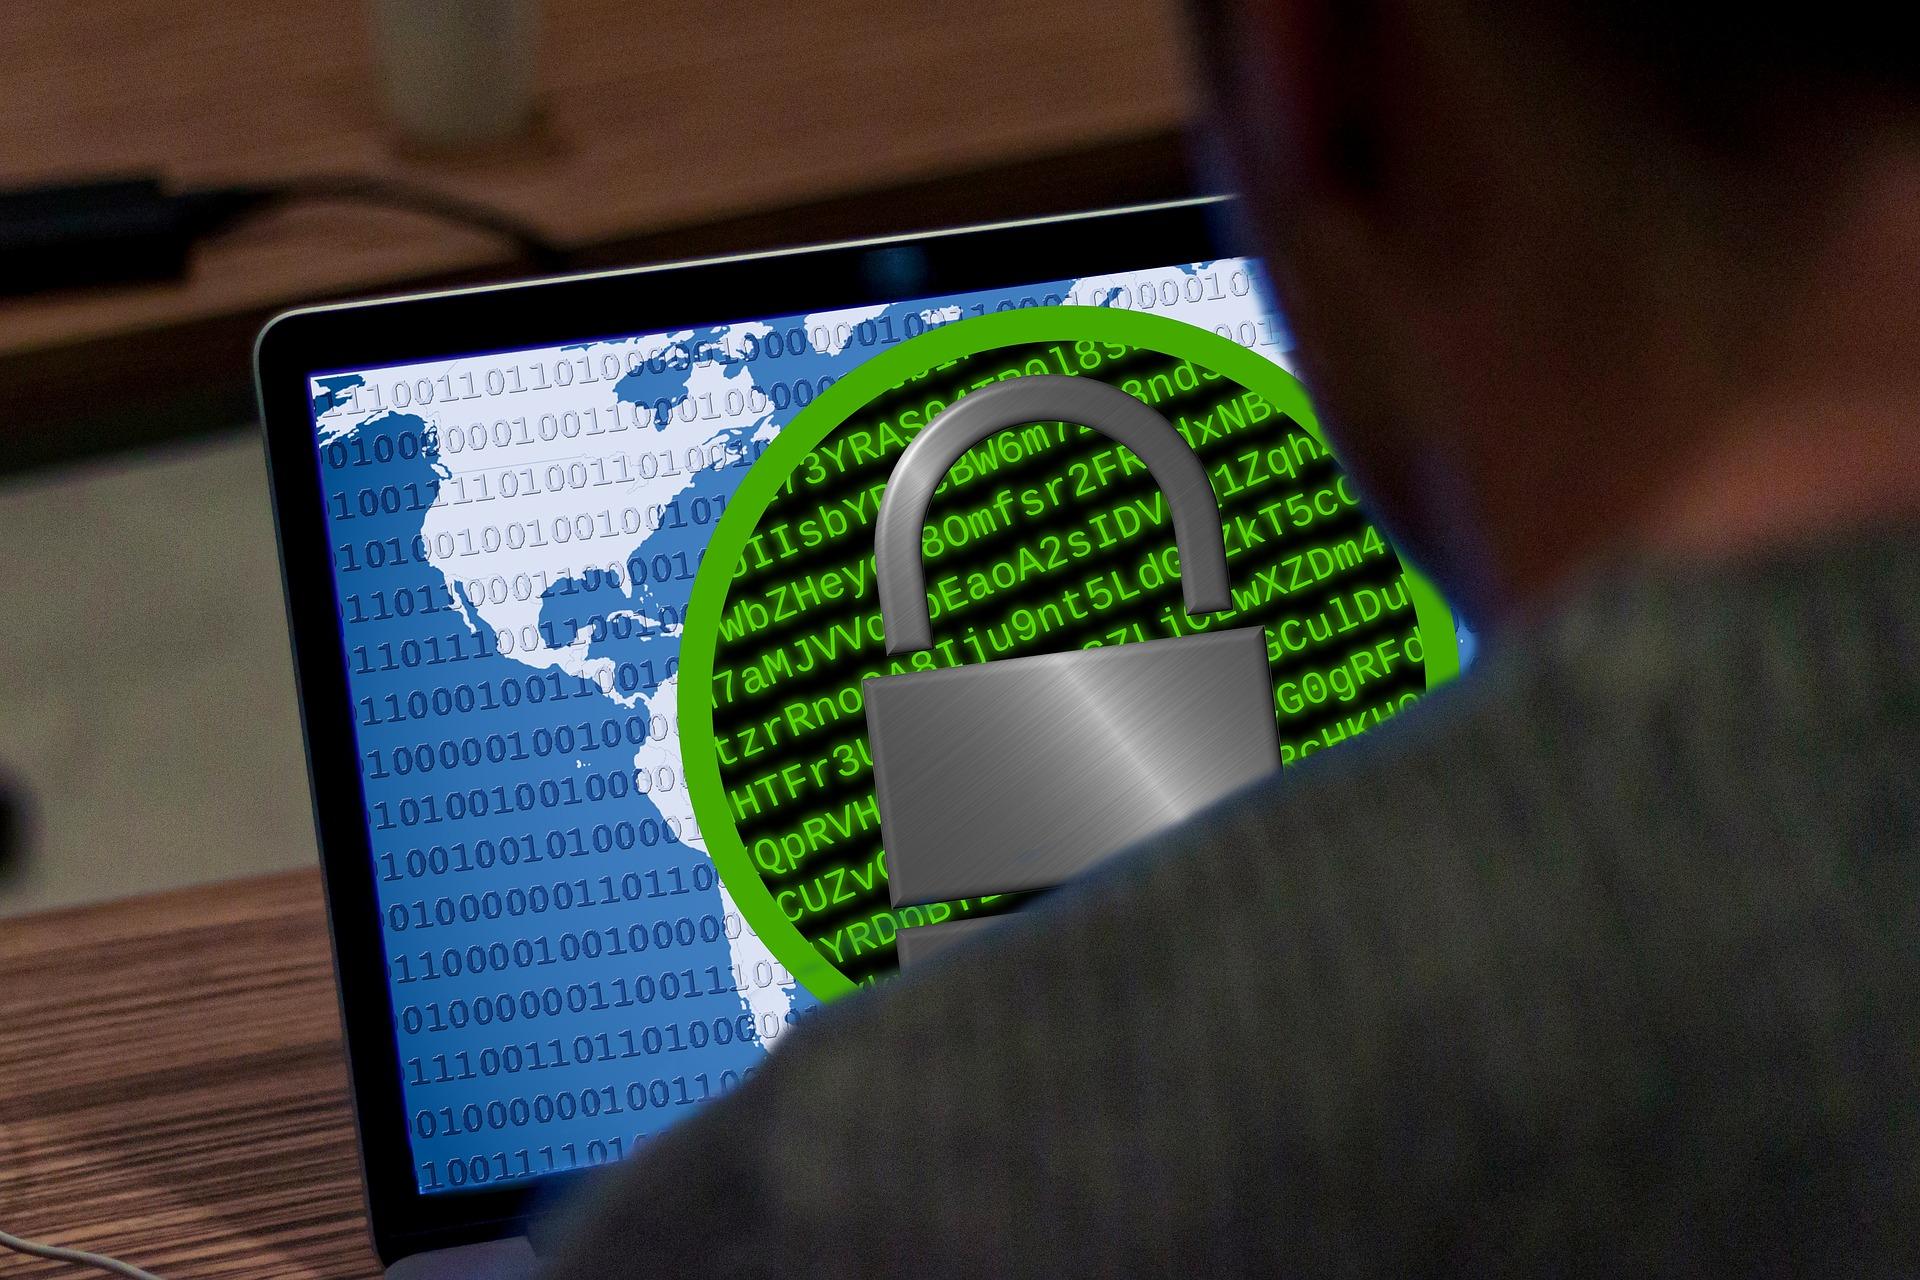 Na última quinta-feira, a Lojas Renner teve seu sistema de dados atacado por hackers, deixando site e aplicativo da varejista fora do ar. O ataque cibernético aconteceu através de um ransomware, um software usado por criminosos para sequestrar dados de uma empresa e extorquir a vítima através de um pedido de resgate.